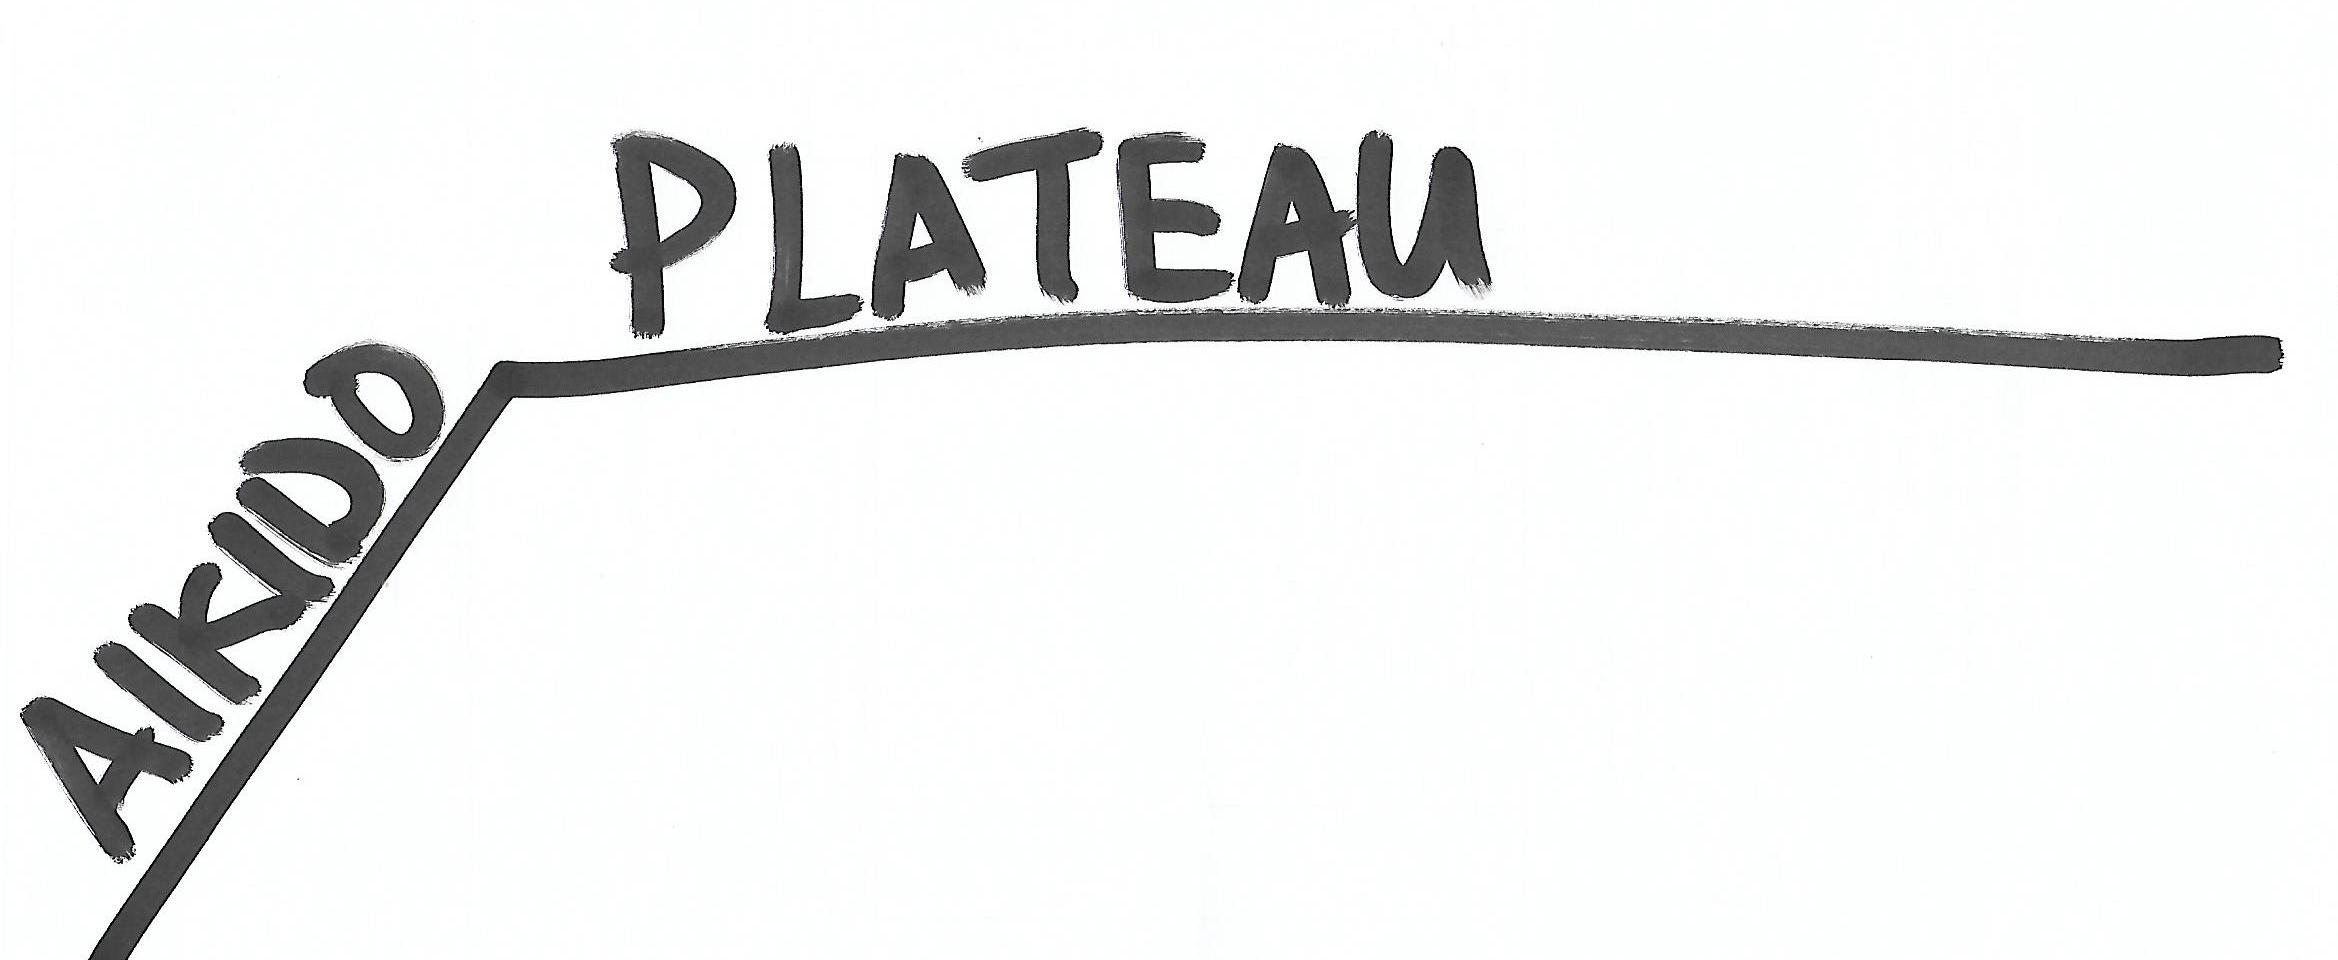 plateau0004